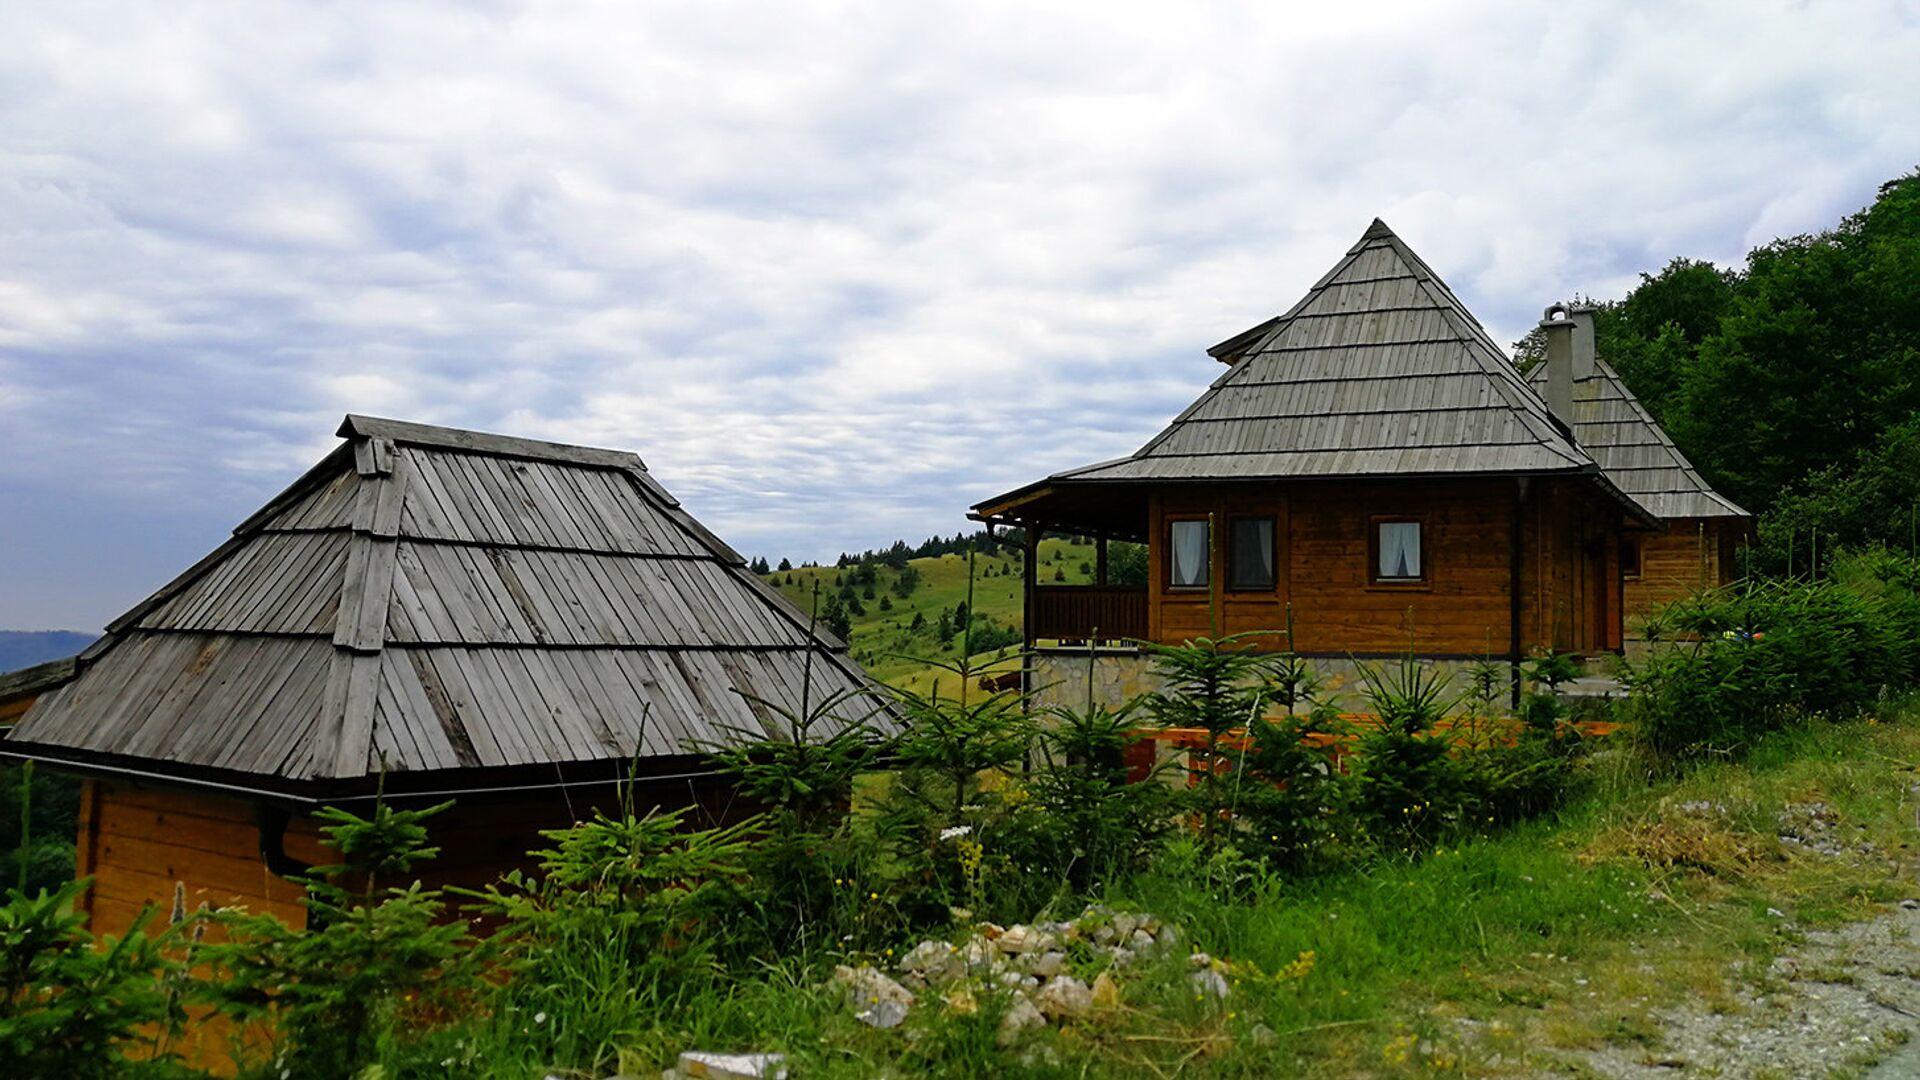 Село - Sputnik Србија, 1920, 14.06.2021